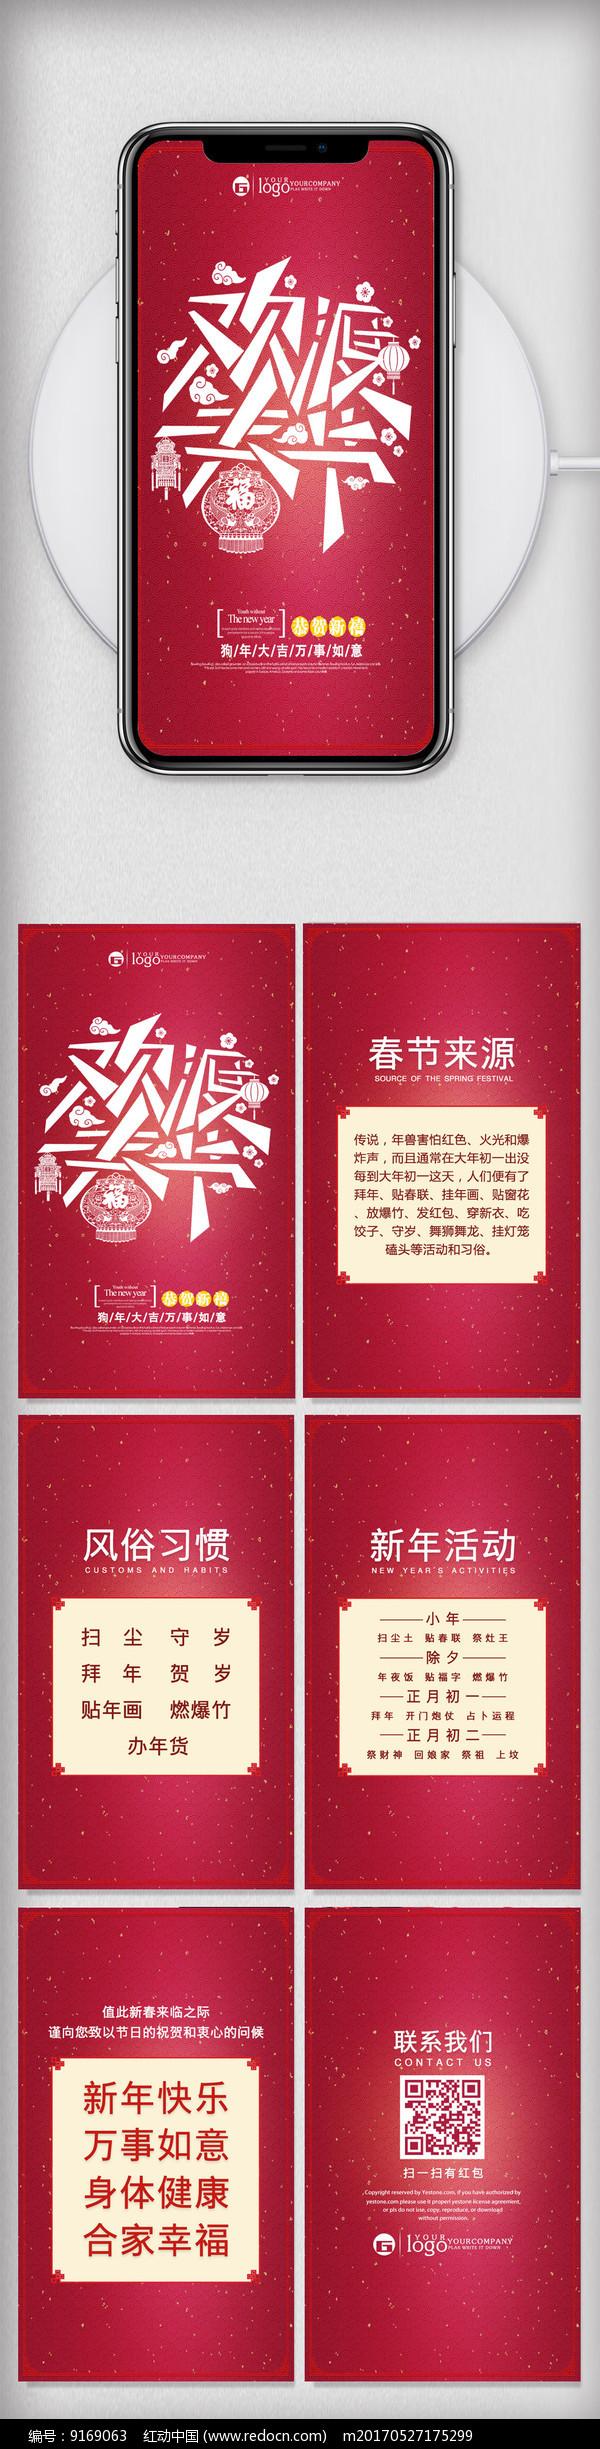 红色大气欢度春节H5设计模板图片